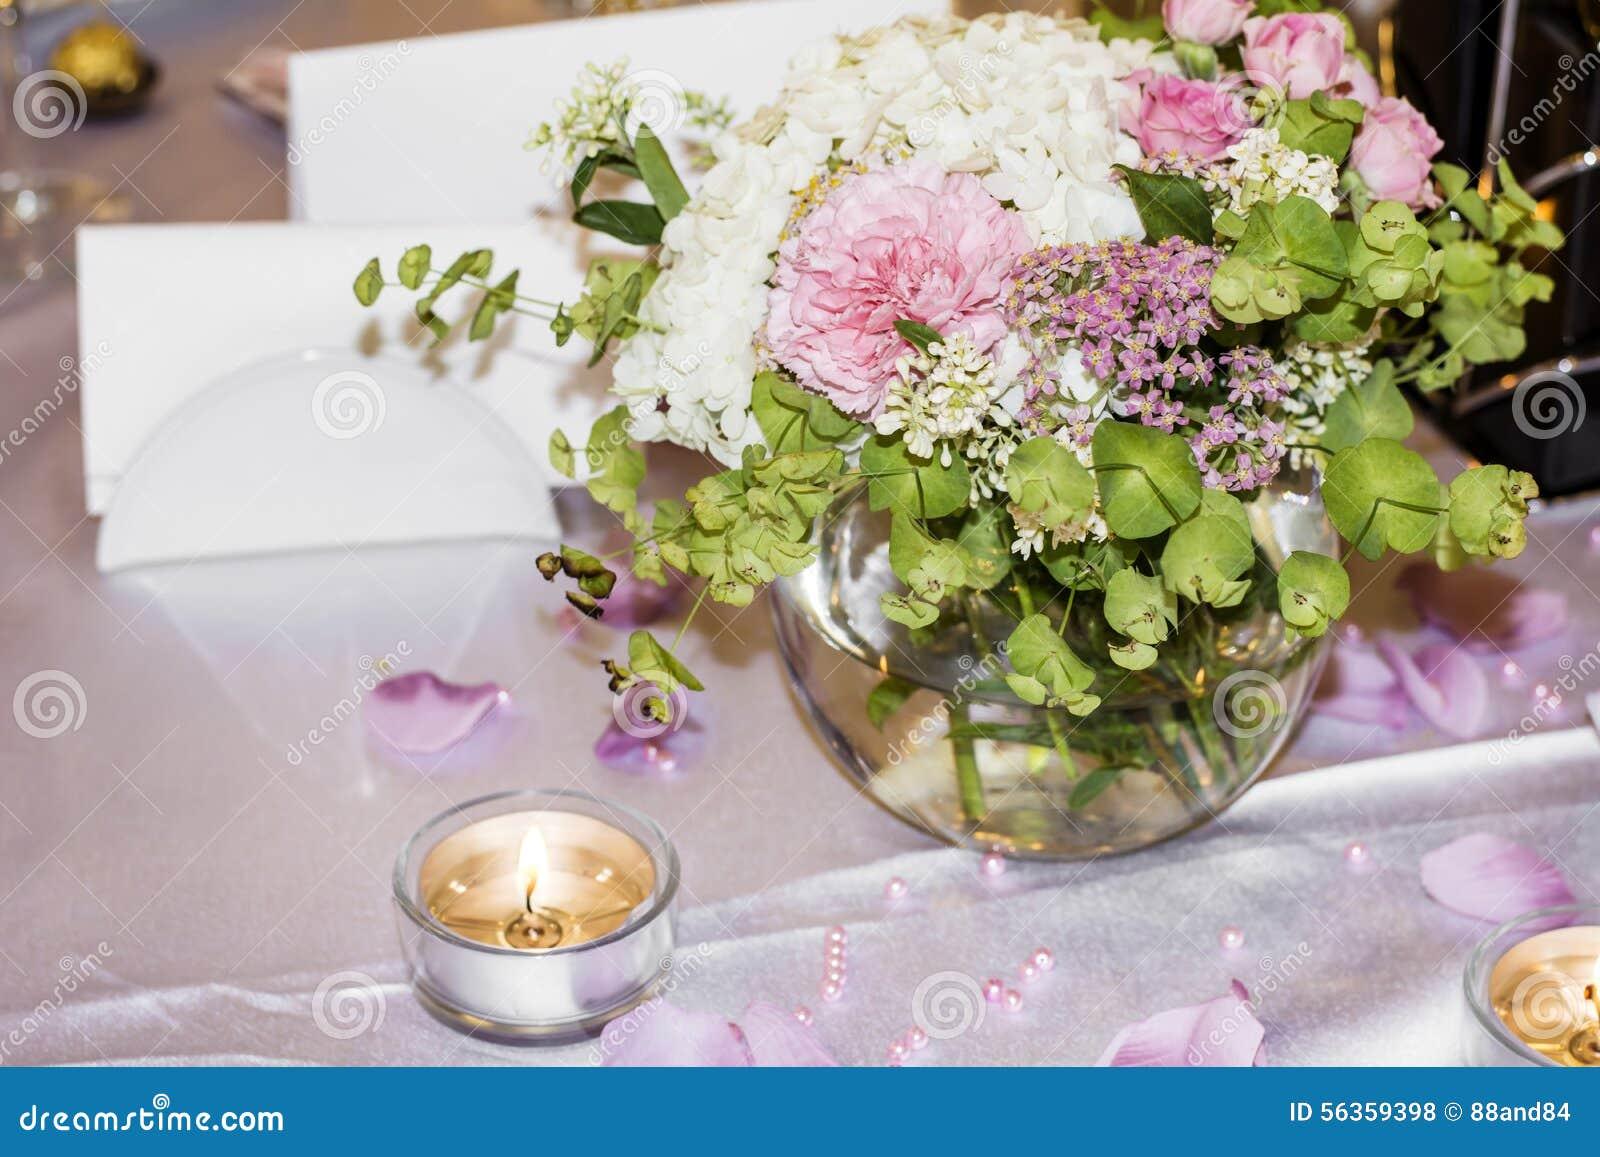 romantische hochzeitsdekoration mit rosa rosen und perlen stockfoto bild von karte stuhl. Black Bedroom Furniture Sets. Home Design Ideas